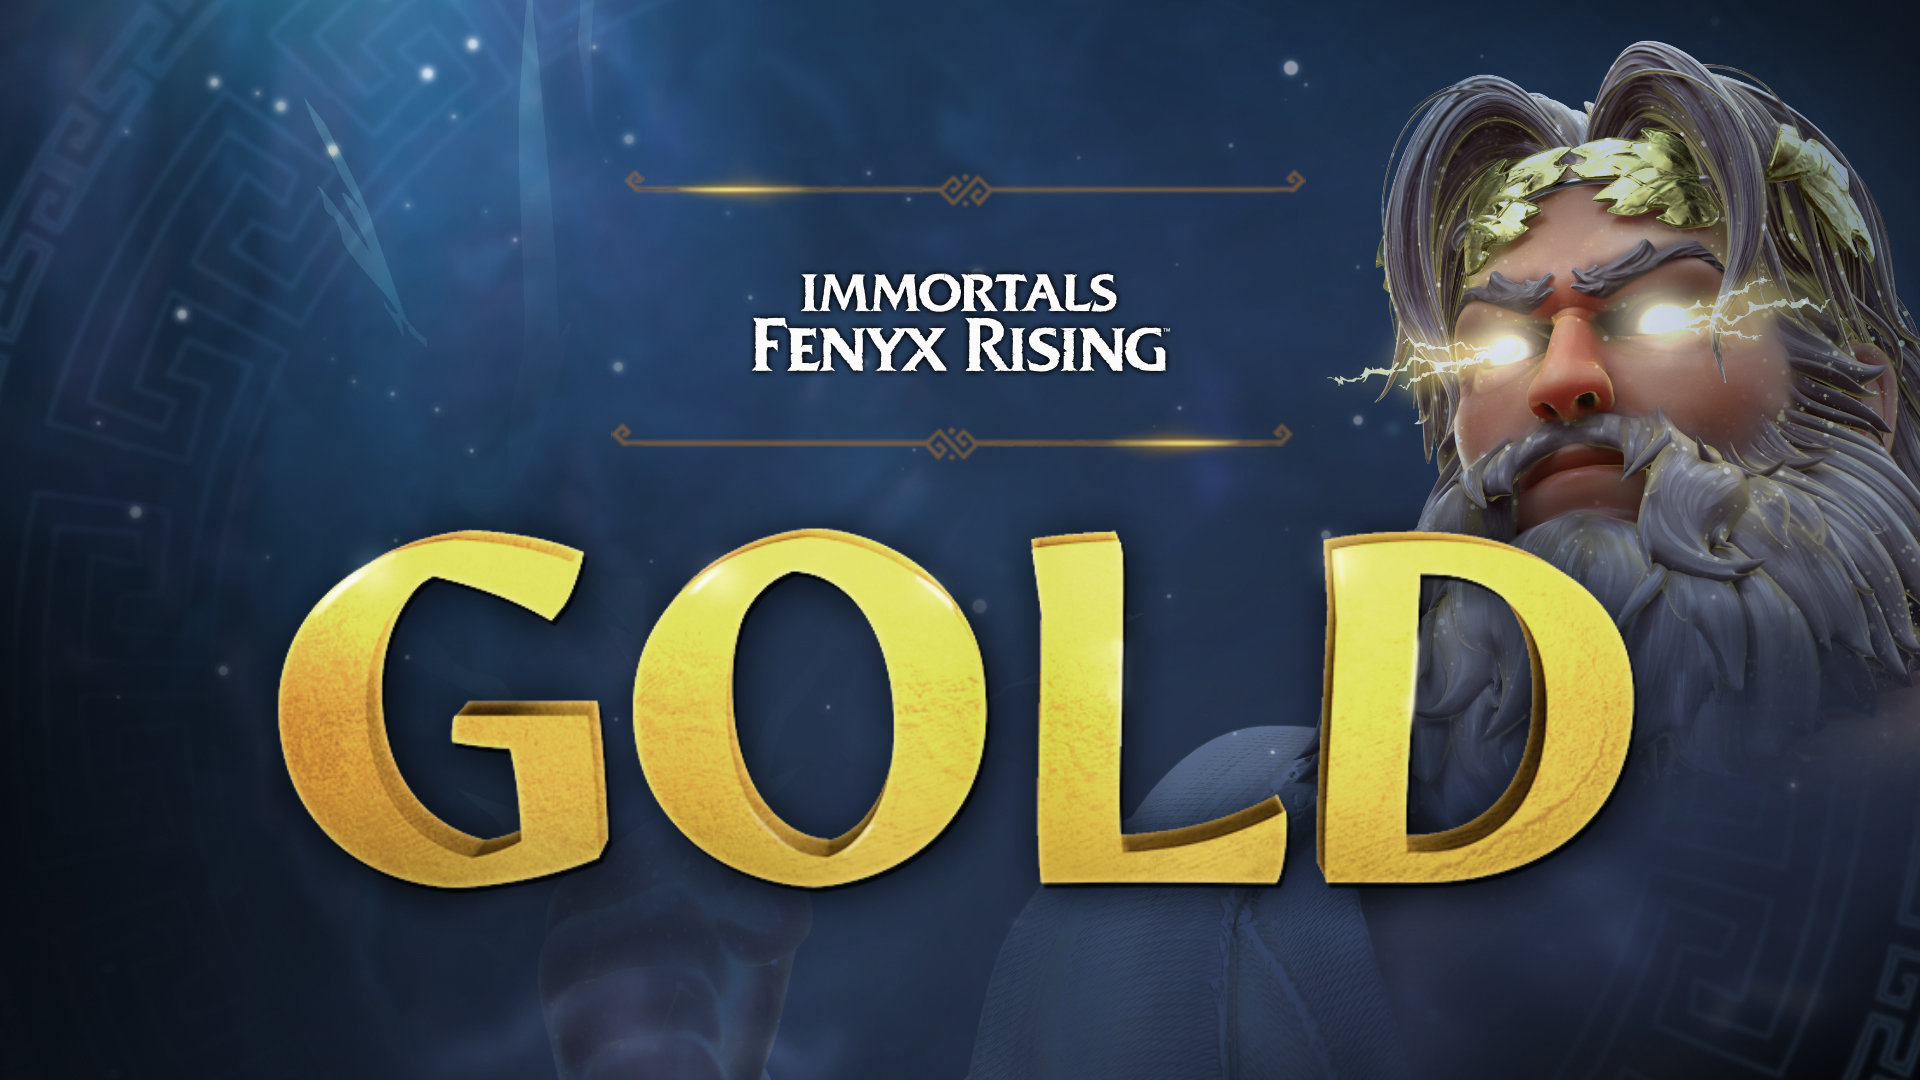 《渡神纪:芬尼斯崛起》12月3日开启英雄之旅